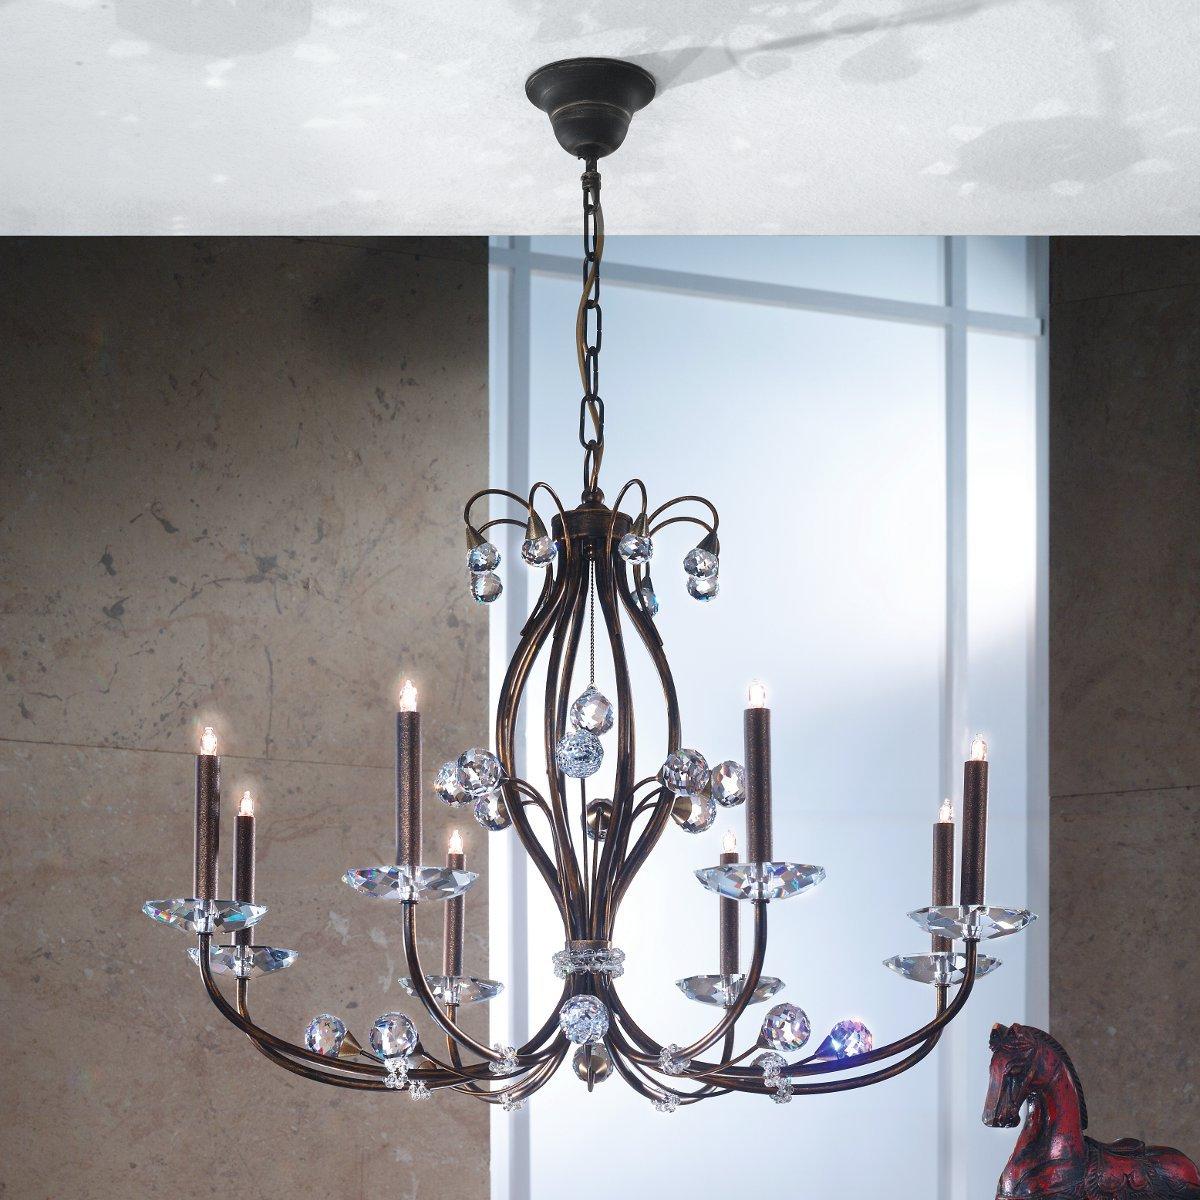 eleganter kristall kronleuchter in messing g nstig kaufen bei lampen suntinger shop. Black Bedroom Furniture Sets. Home Design Ideas